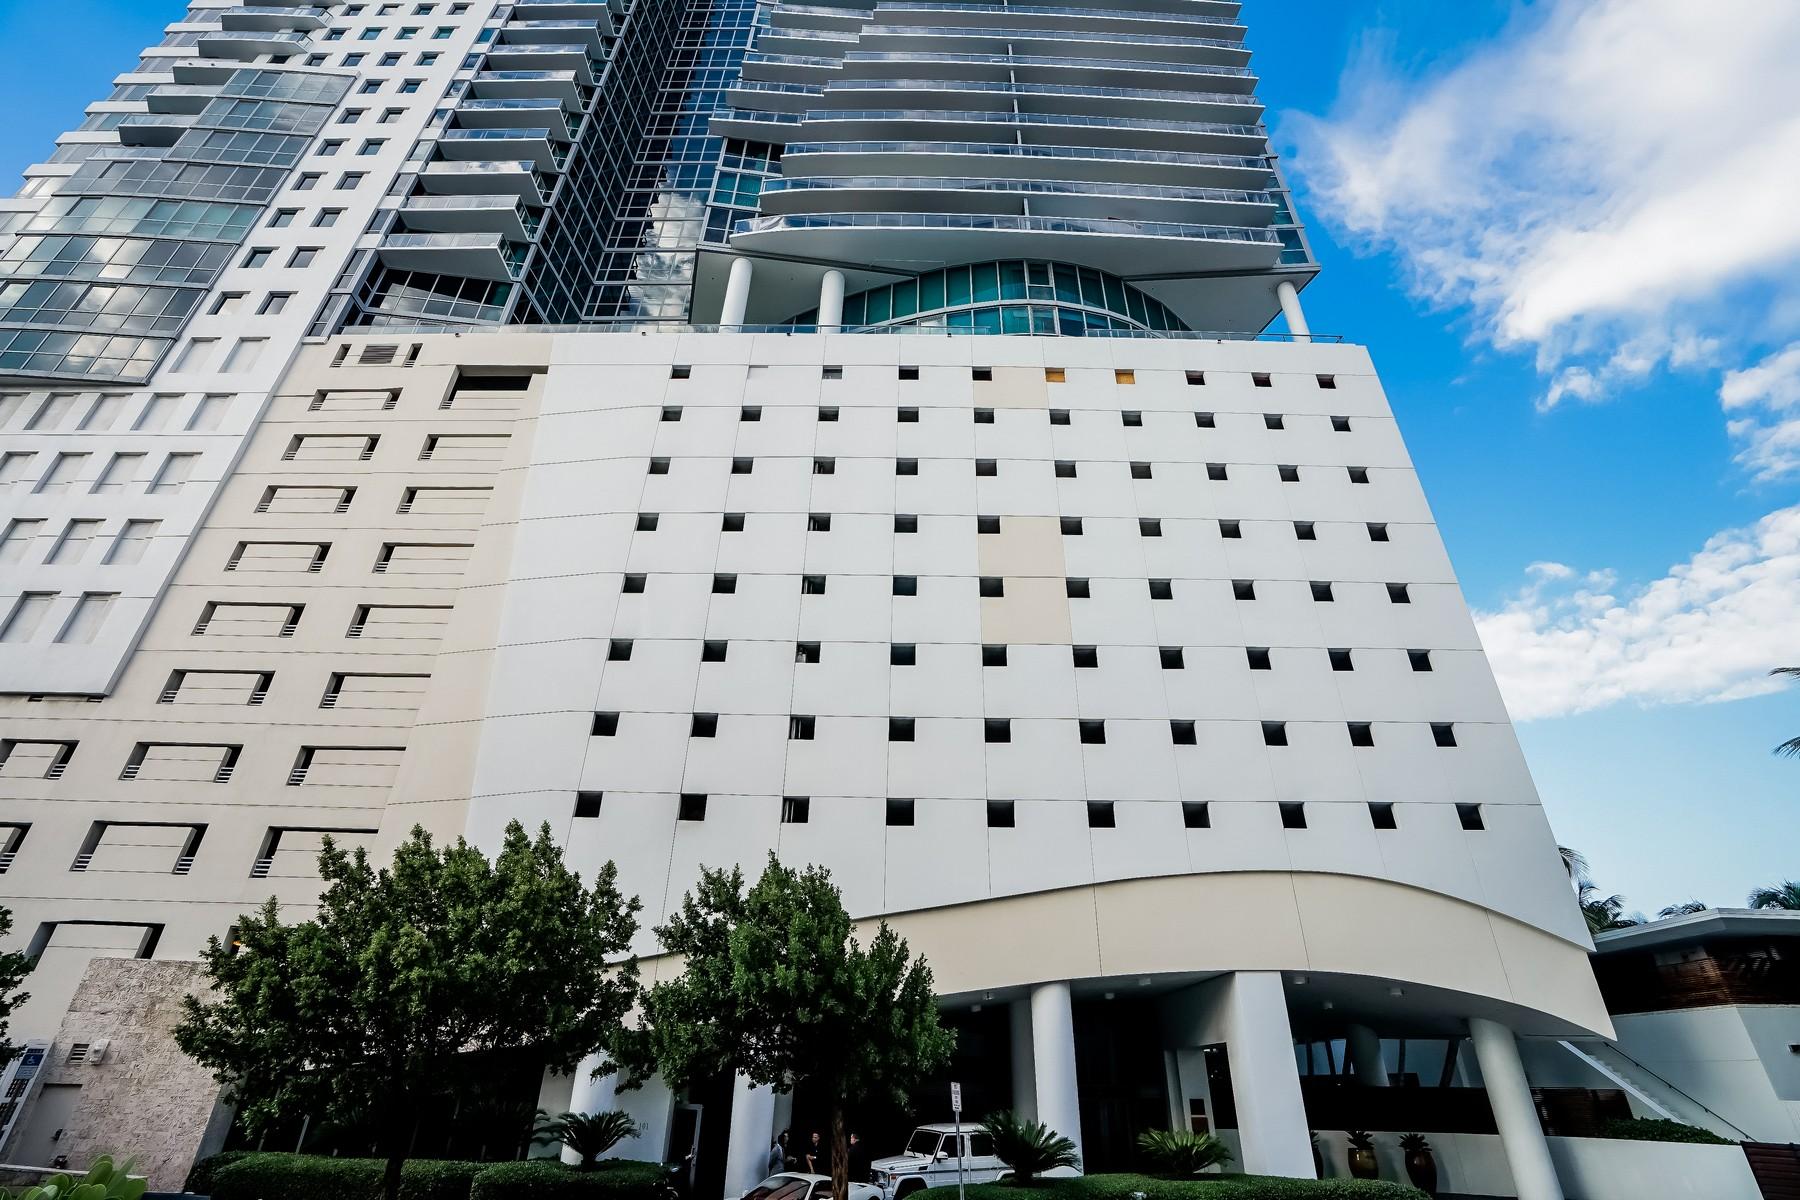 Condomínio para Venda às 101 20 ST #2505 Miami Beach, Florida 33139 Estados Unidos